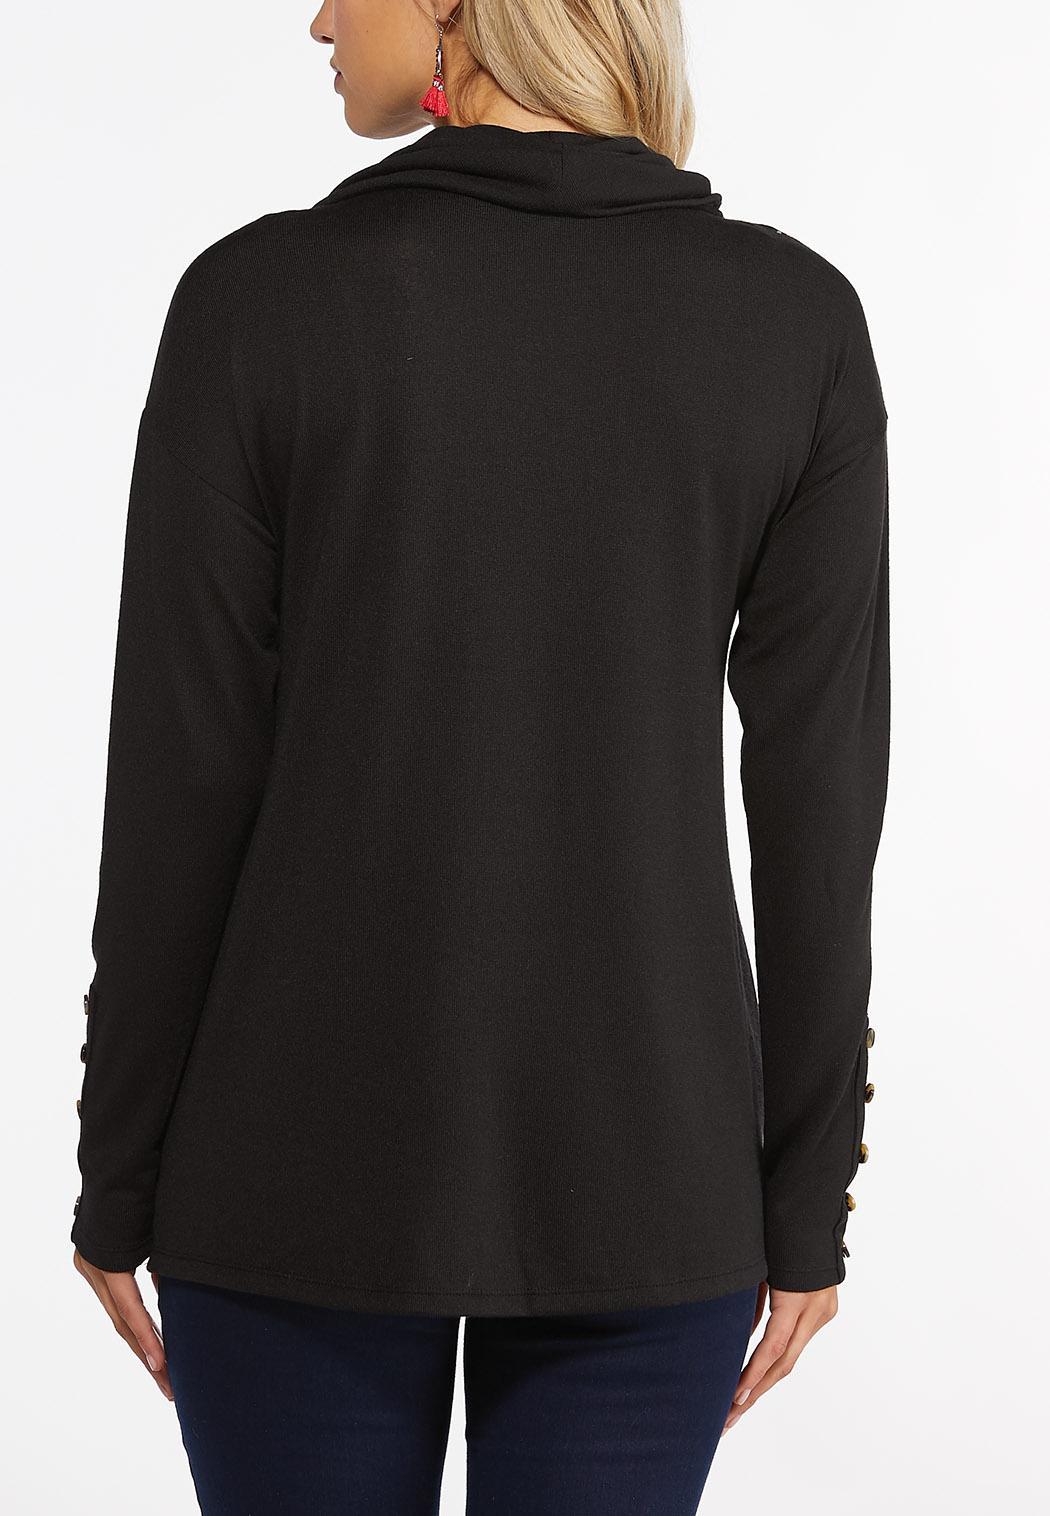 Plus Size Paisley Cowl Neck Top (Item #44405882)